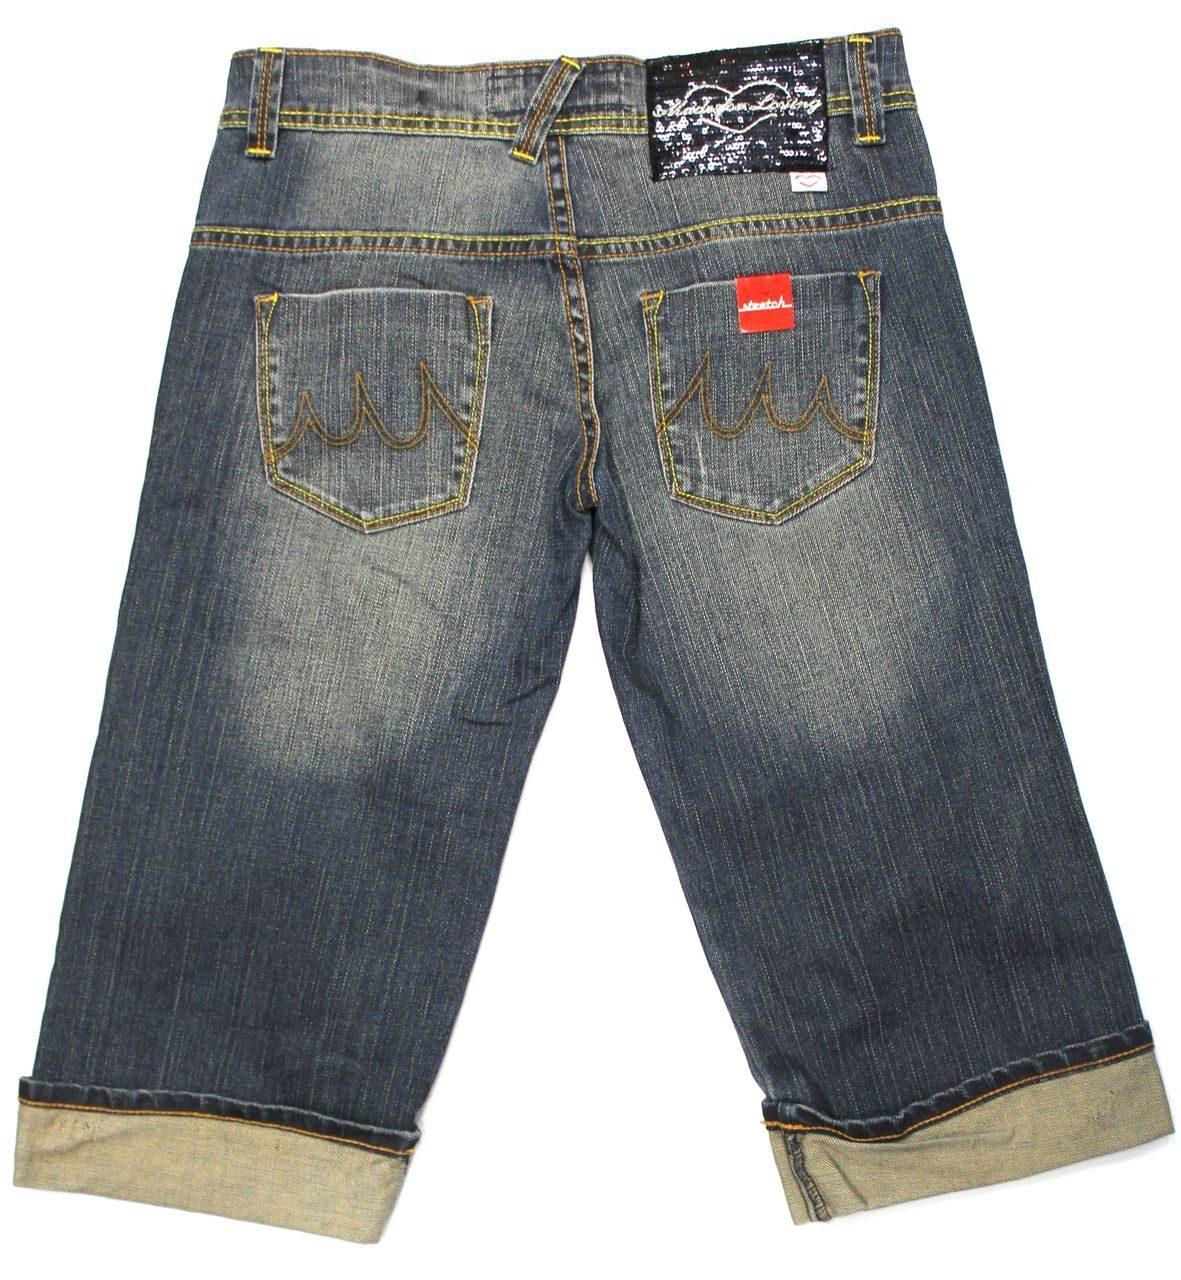 50 Идей, как из джинс сделать модные шорты Пошаговые фото 81